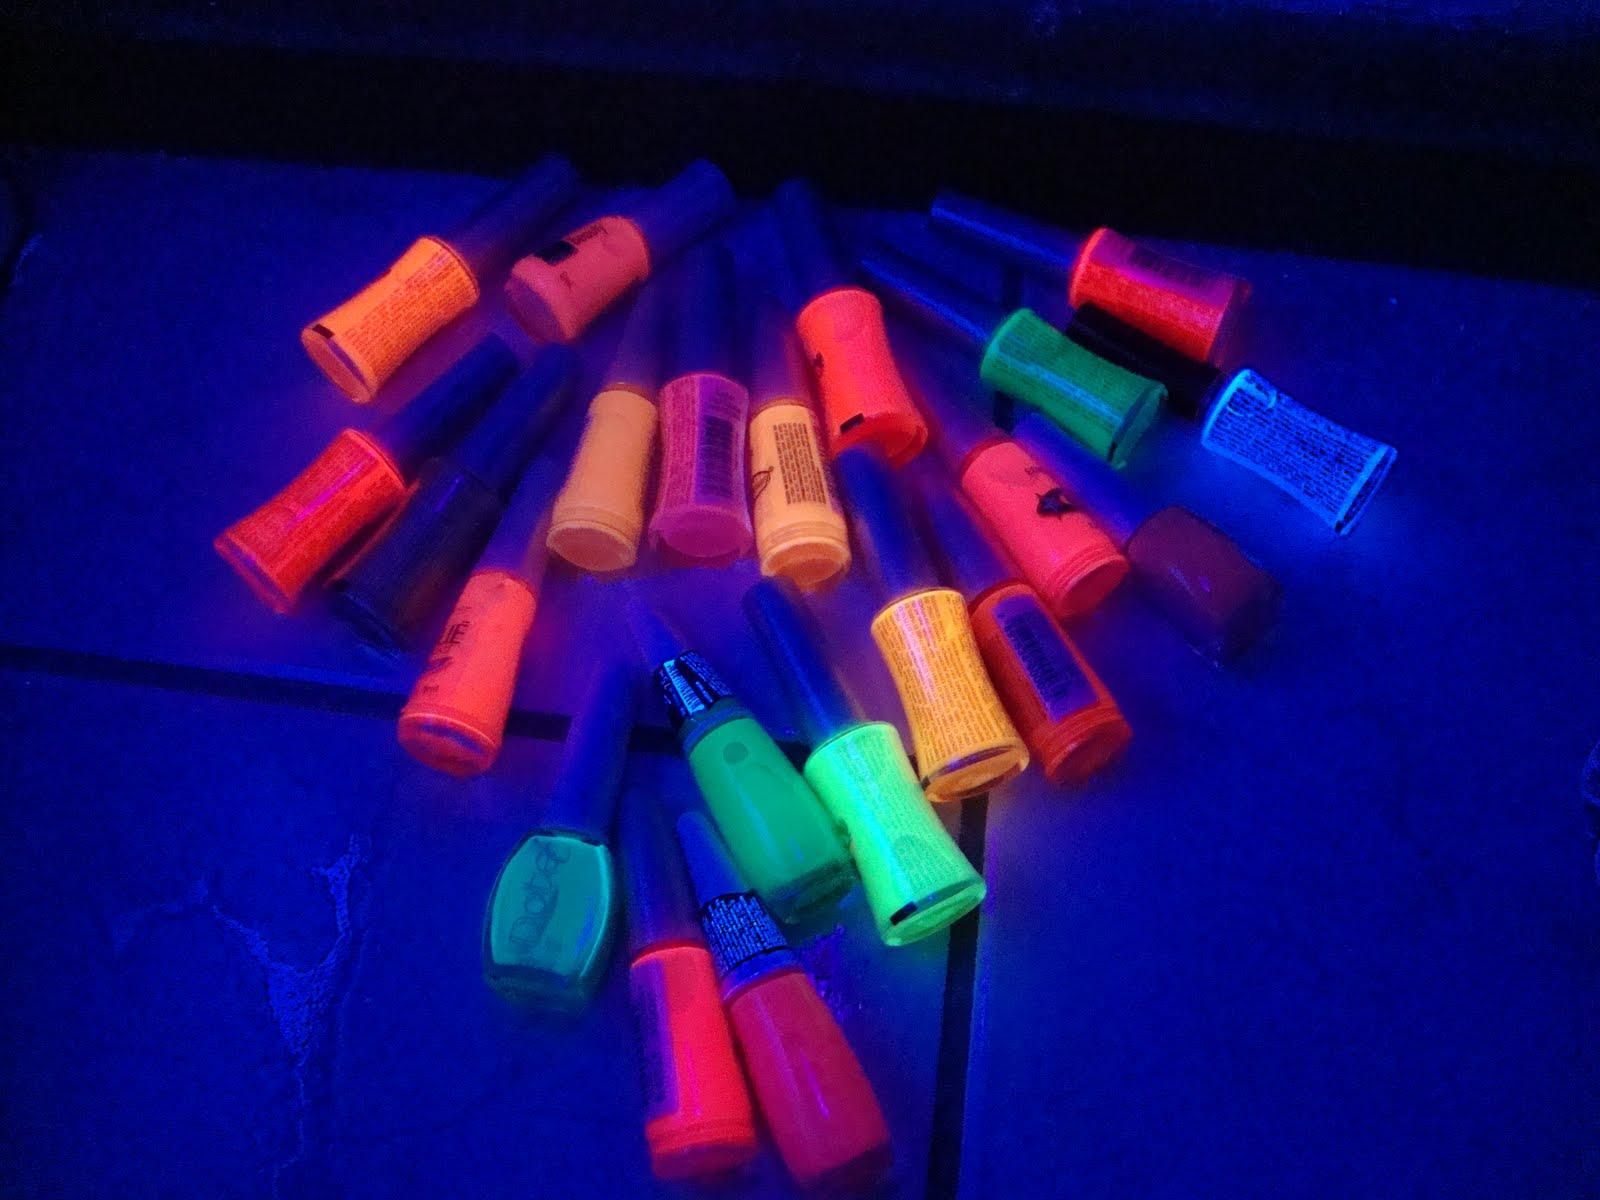 Modelos de Unhas Que Brilham no Escuro – Fluorescente – Dicas, Efeitos e Onde Comprar